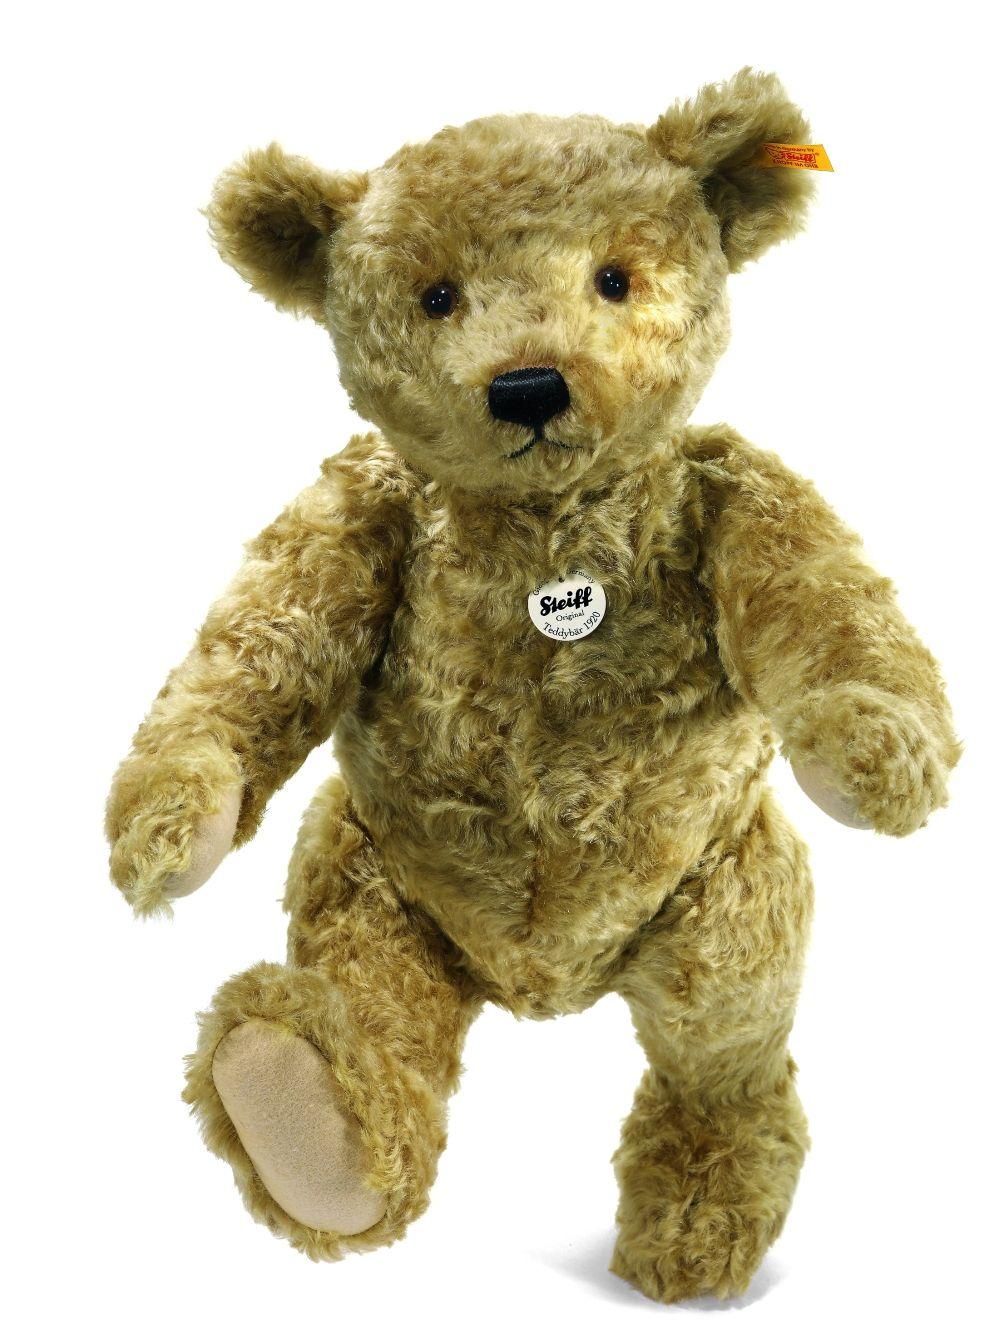 Steiff Classic 1920 Teddy Bear: Mohair Stuffed Bear